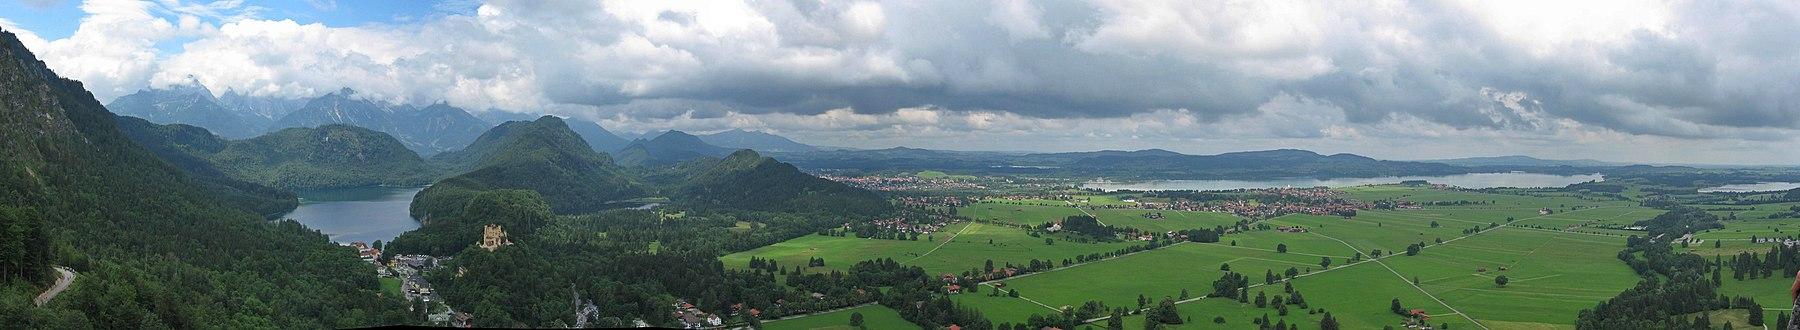 Современная панорама из Нойшванштайна (1,008 m or 3,307 ft[3]), показывающая (слева направо): дорога доступа к дворцу; Альпзее с местностью Хоэншвангау впереди; Замок Хоэншвангау XIX века на холме с Шванзее за ним справа (запад); Местность Альтершрофен с городом Фюссен за ним; Ядро Швангау перед большим водохранилищем Форггензе (1952); Банвальдзее (север)